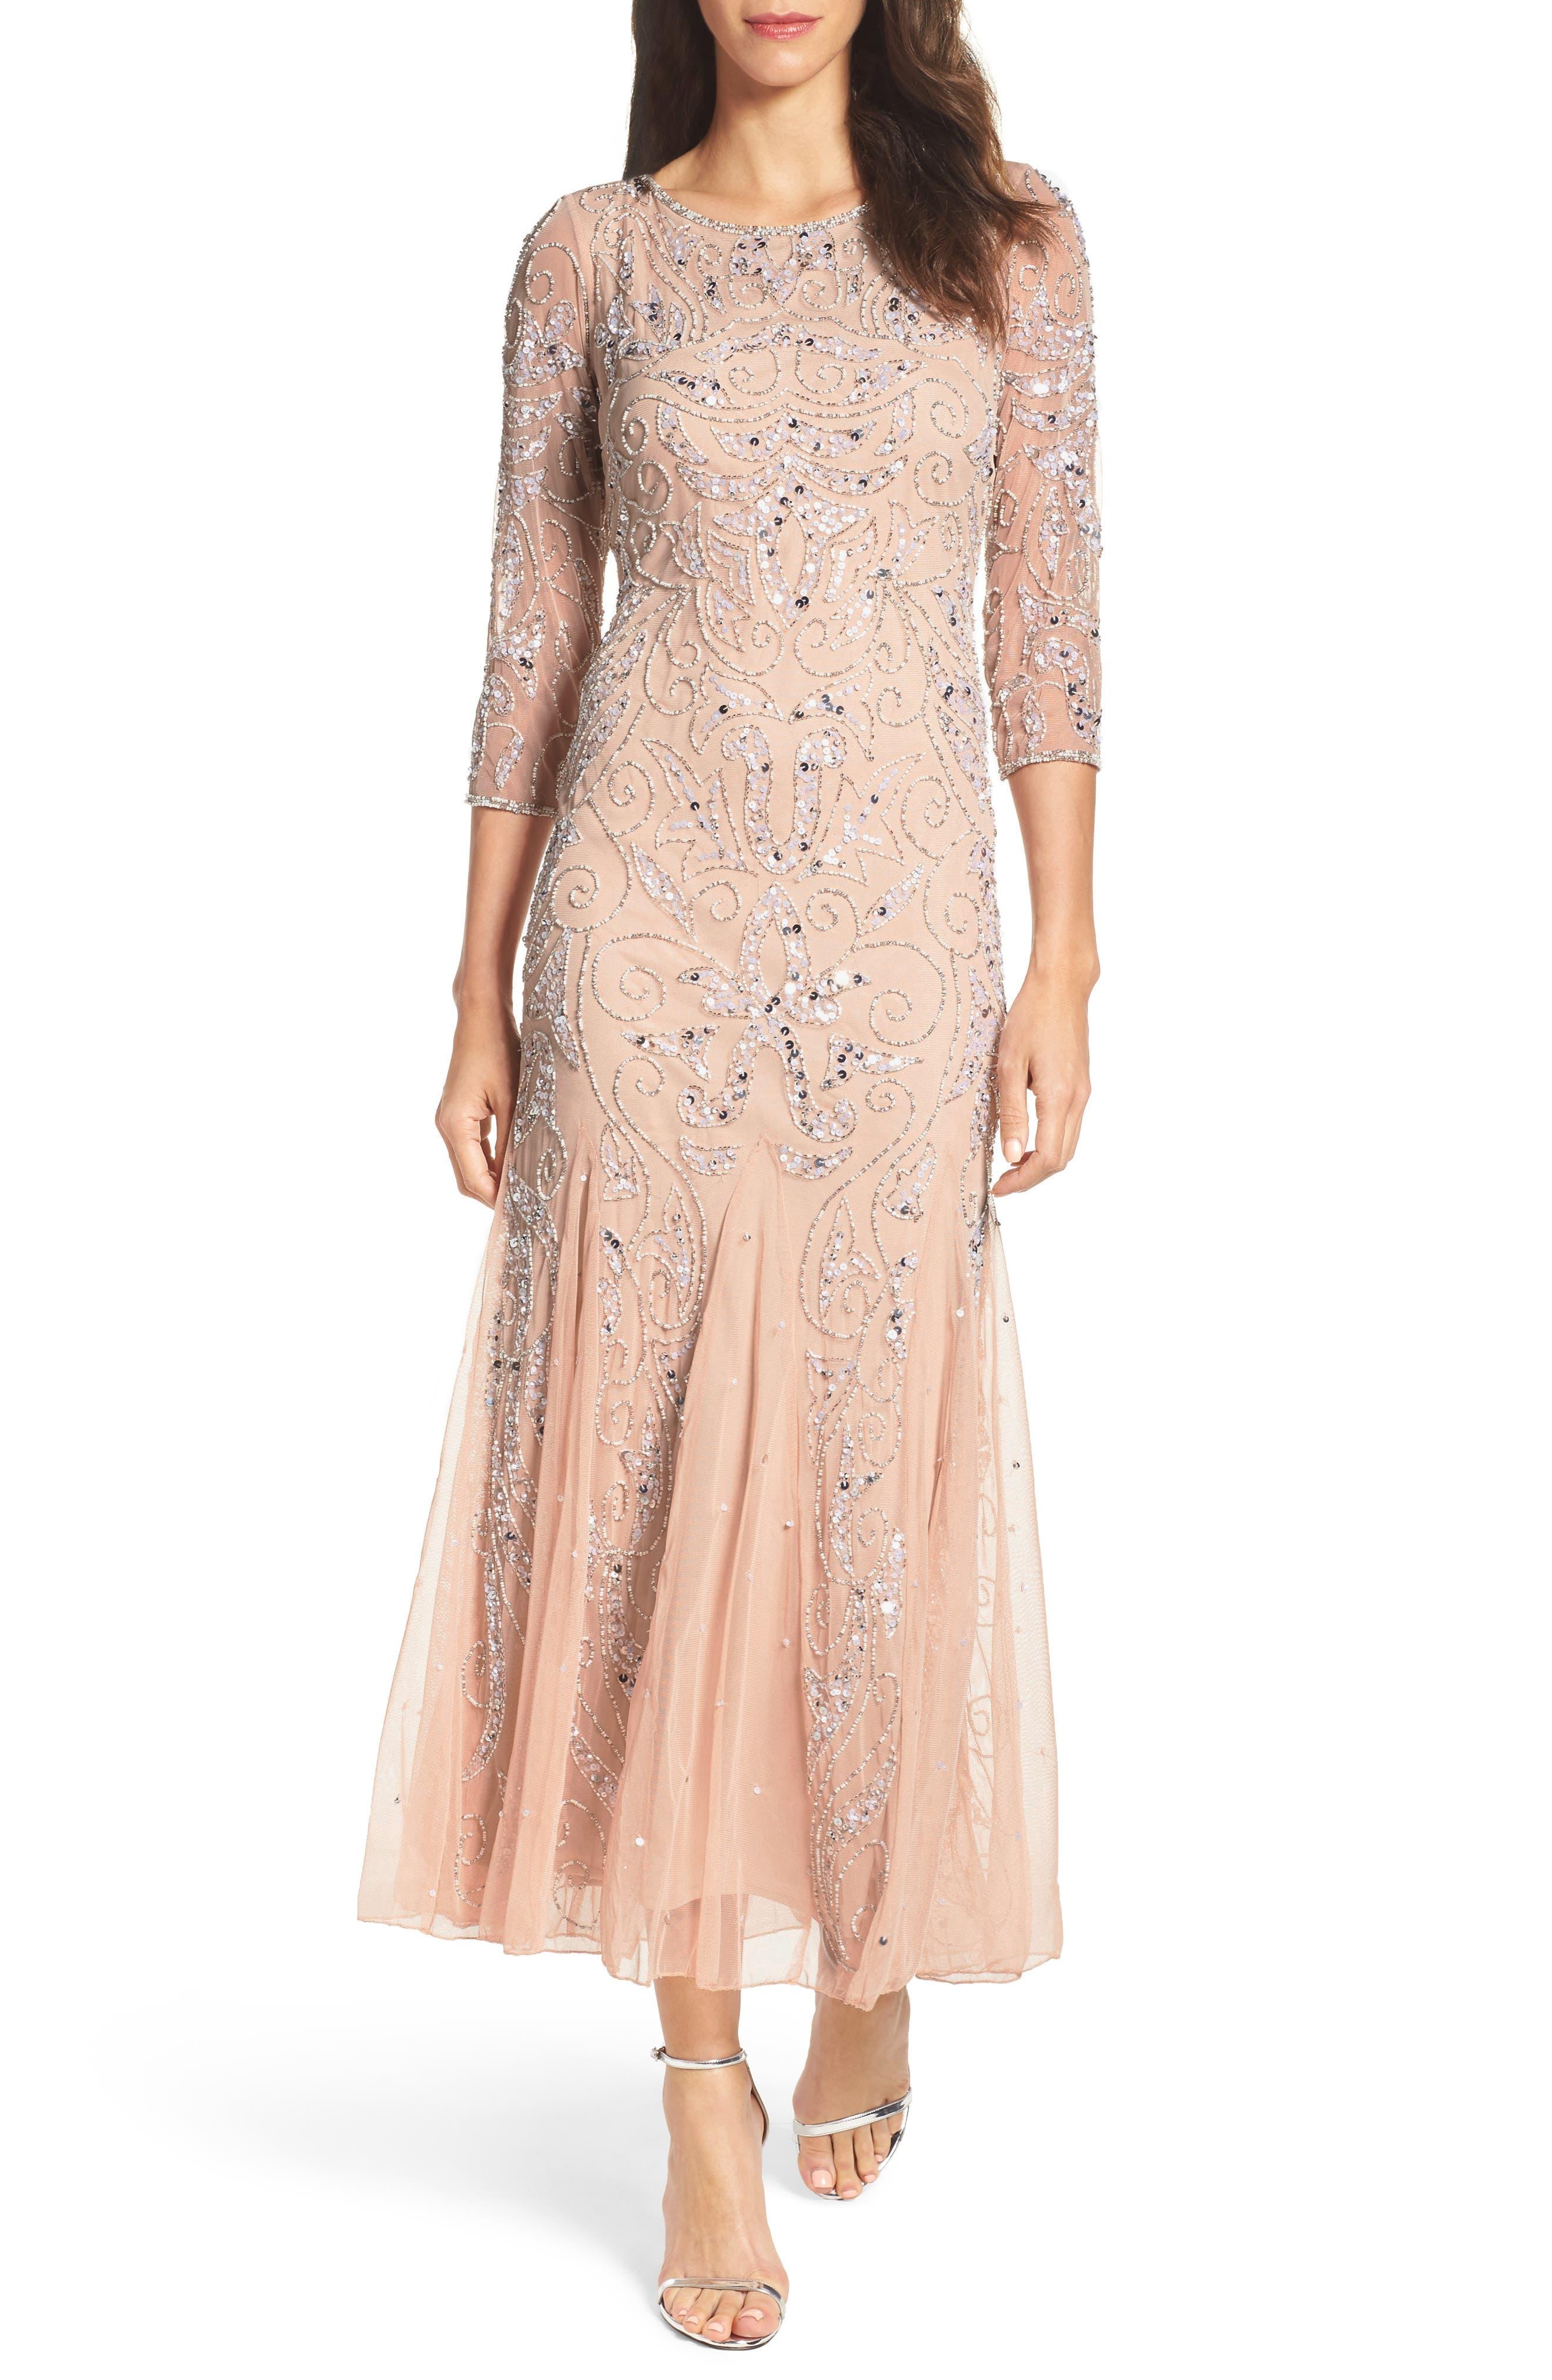 1930s Dresses | 30s Art Deco Dress Pisarro Nights Embellished Mesh Gown Size 14P - Pink $130.80 AT vintagedancer.com